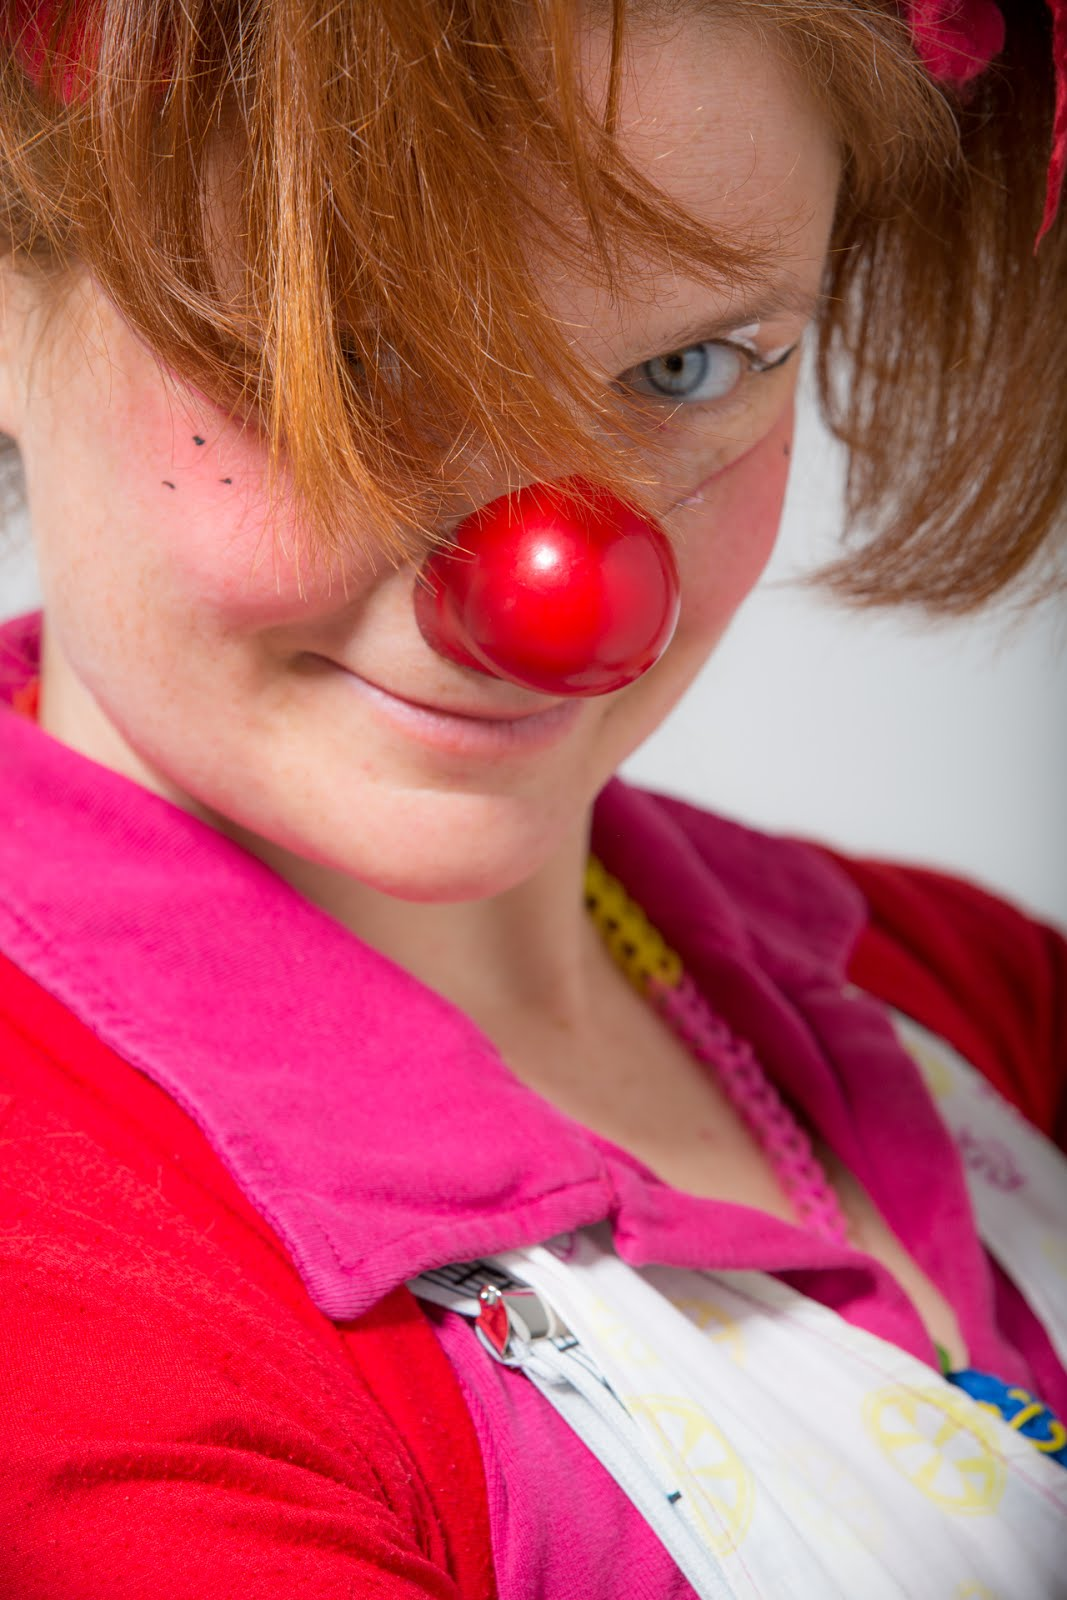 Guten Tag, darf ich vorstellen: meine Clownigkeit, Clownin Tilotamma!